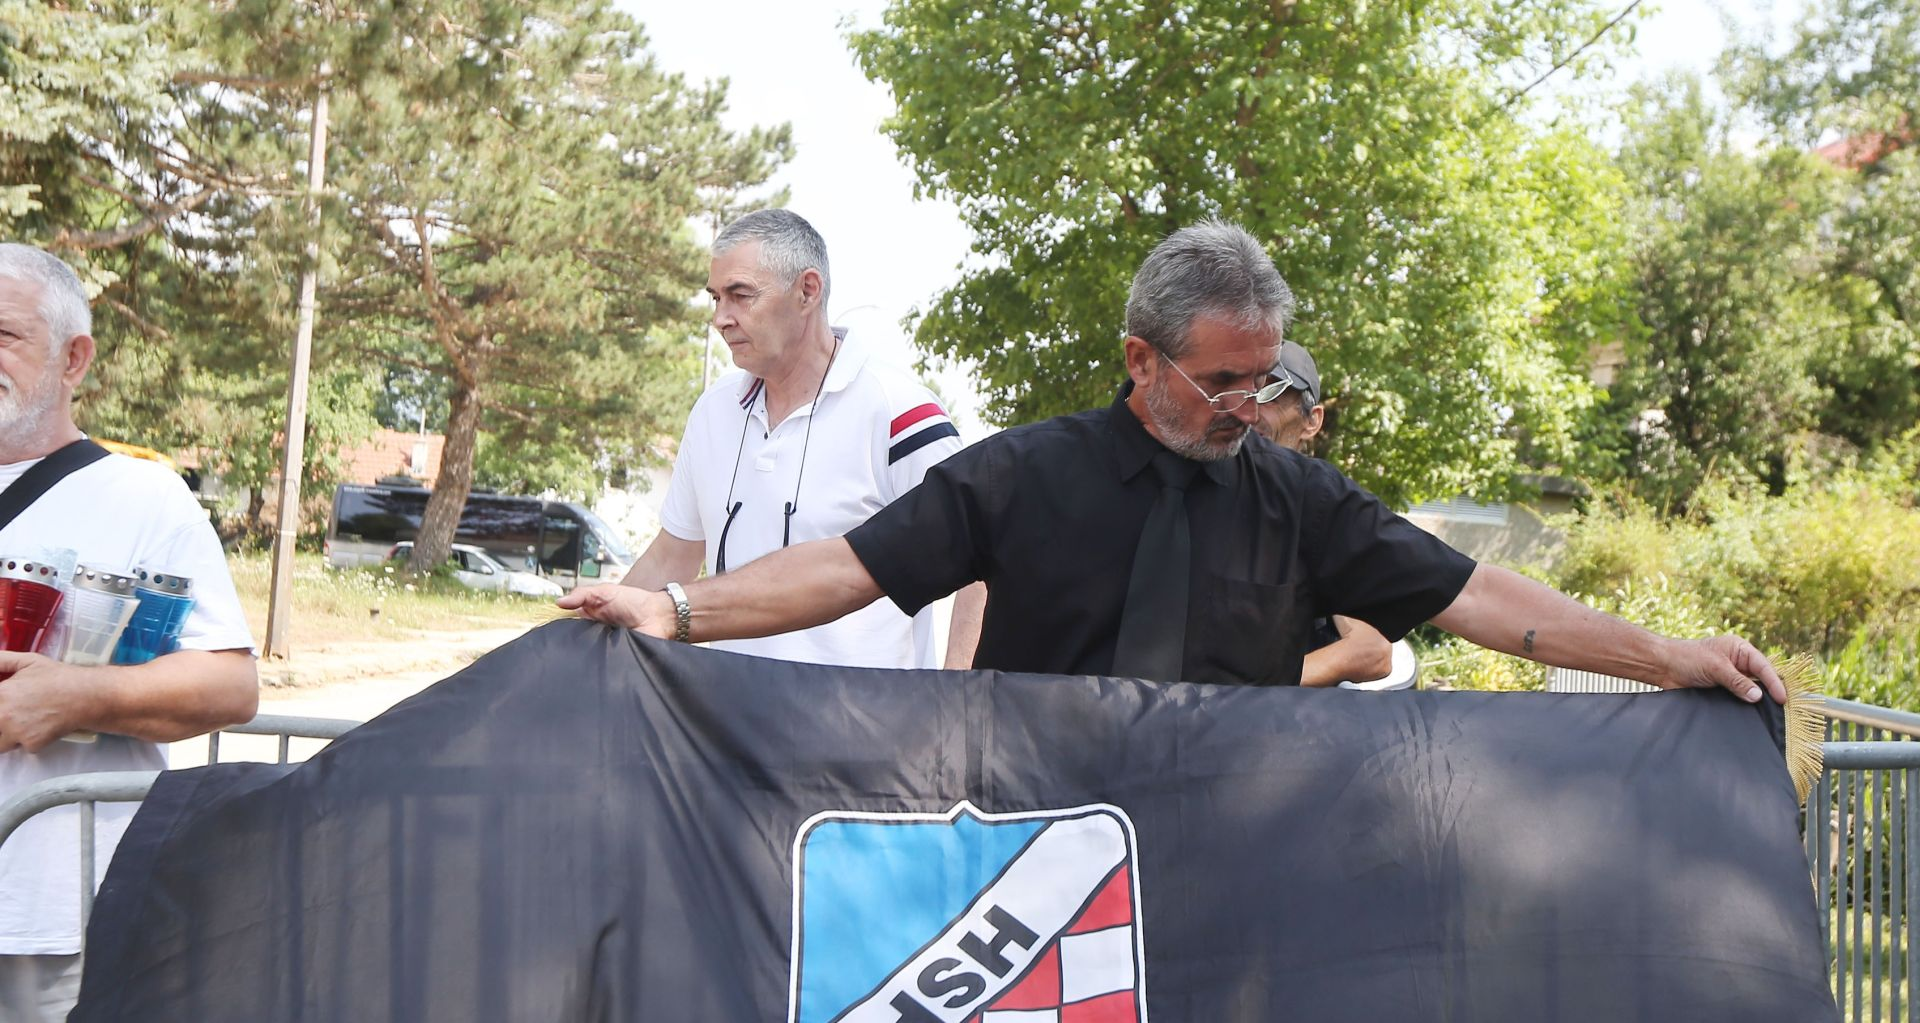 SRB Skup pod opsadom policije: Keleminec pružao otpor, prosvjednici vrijeđali govornike